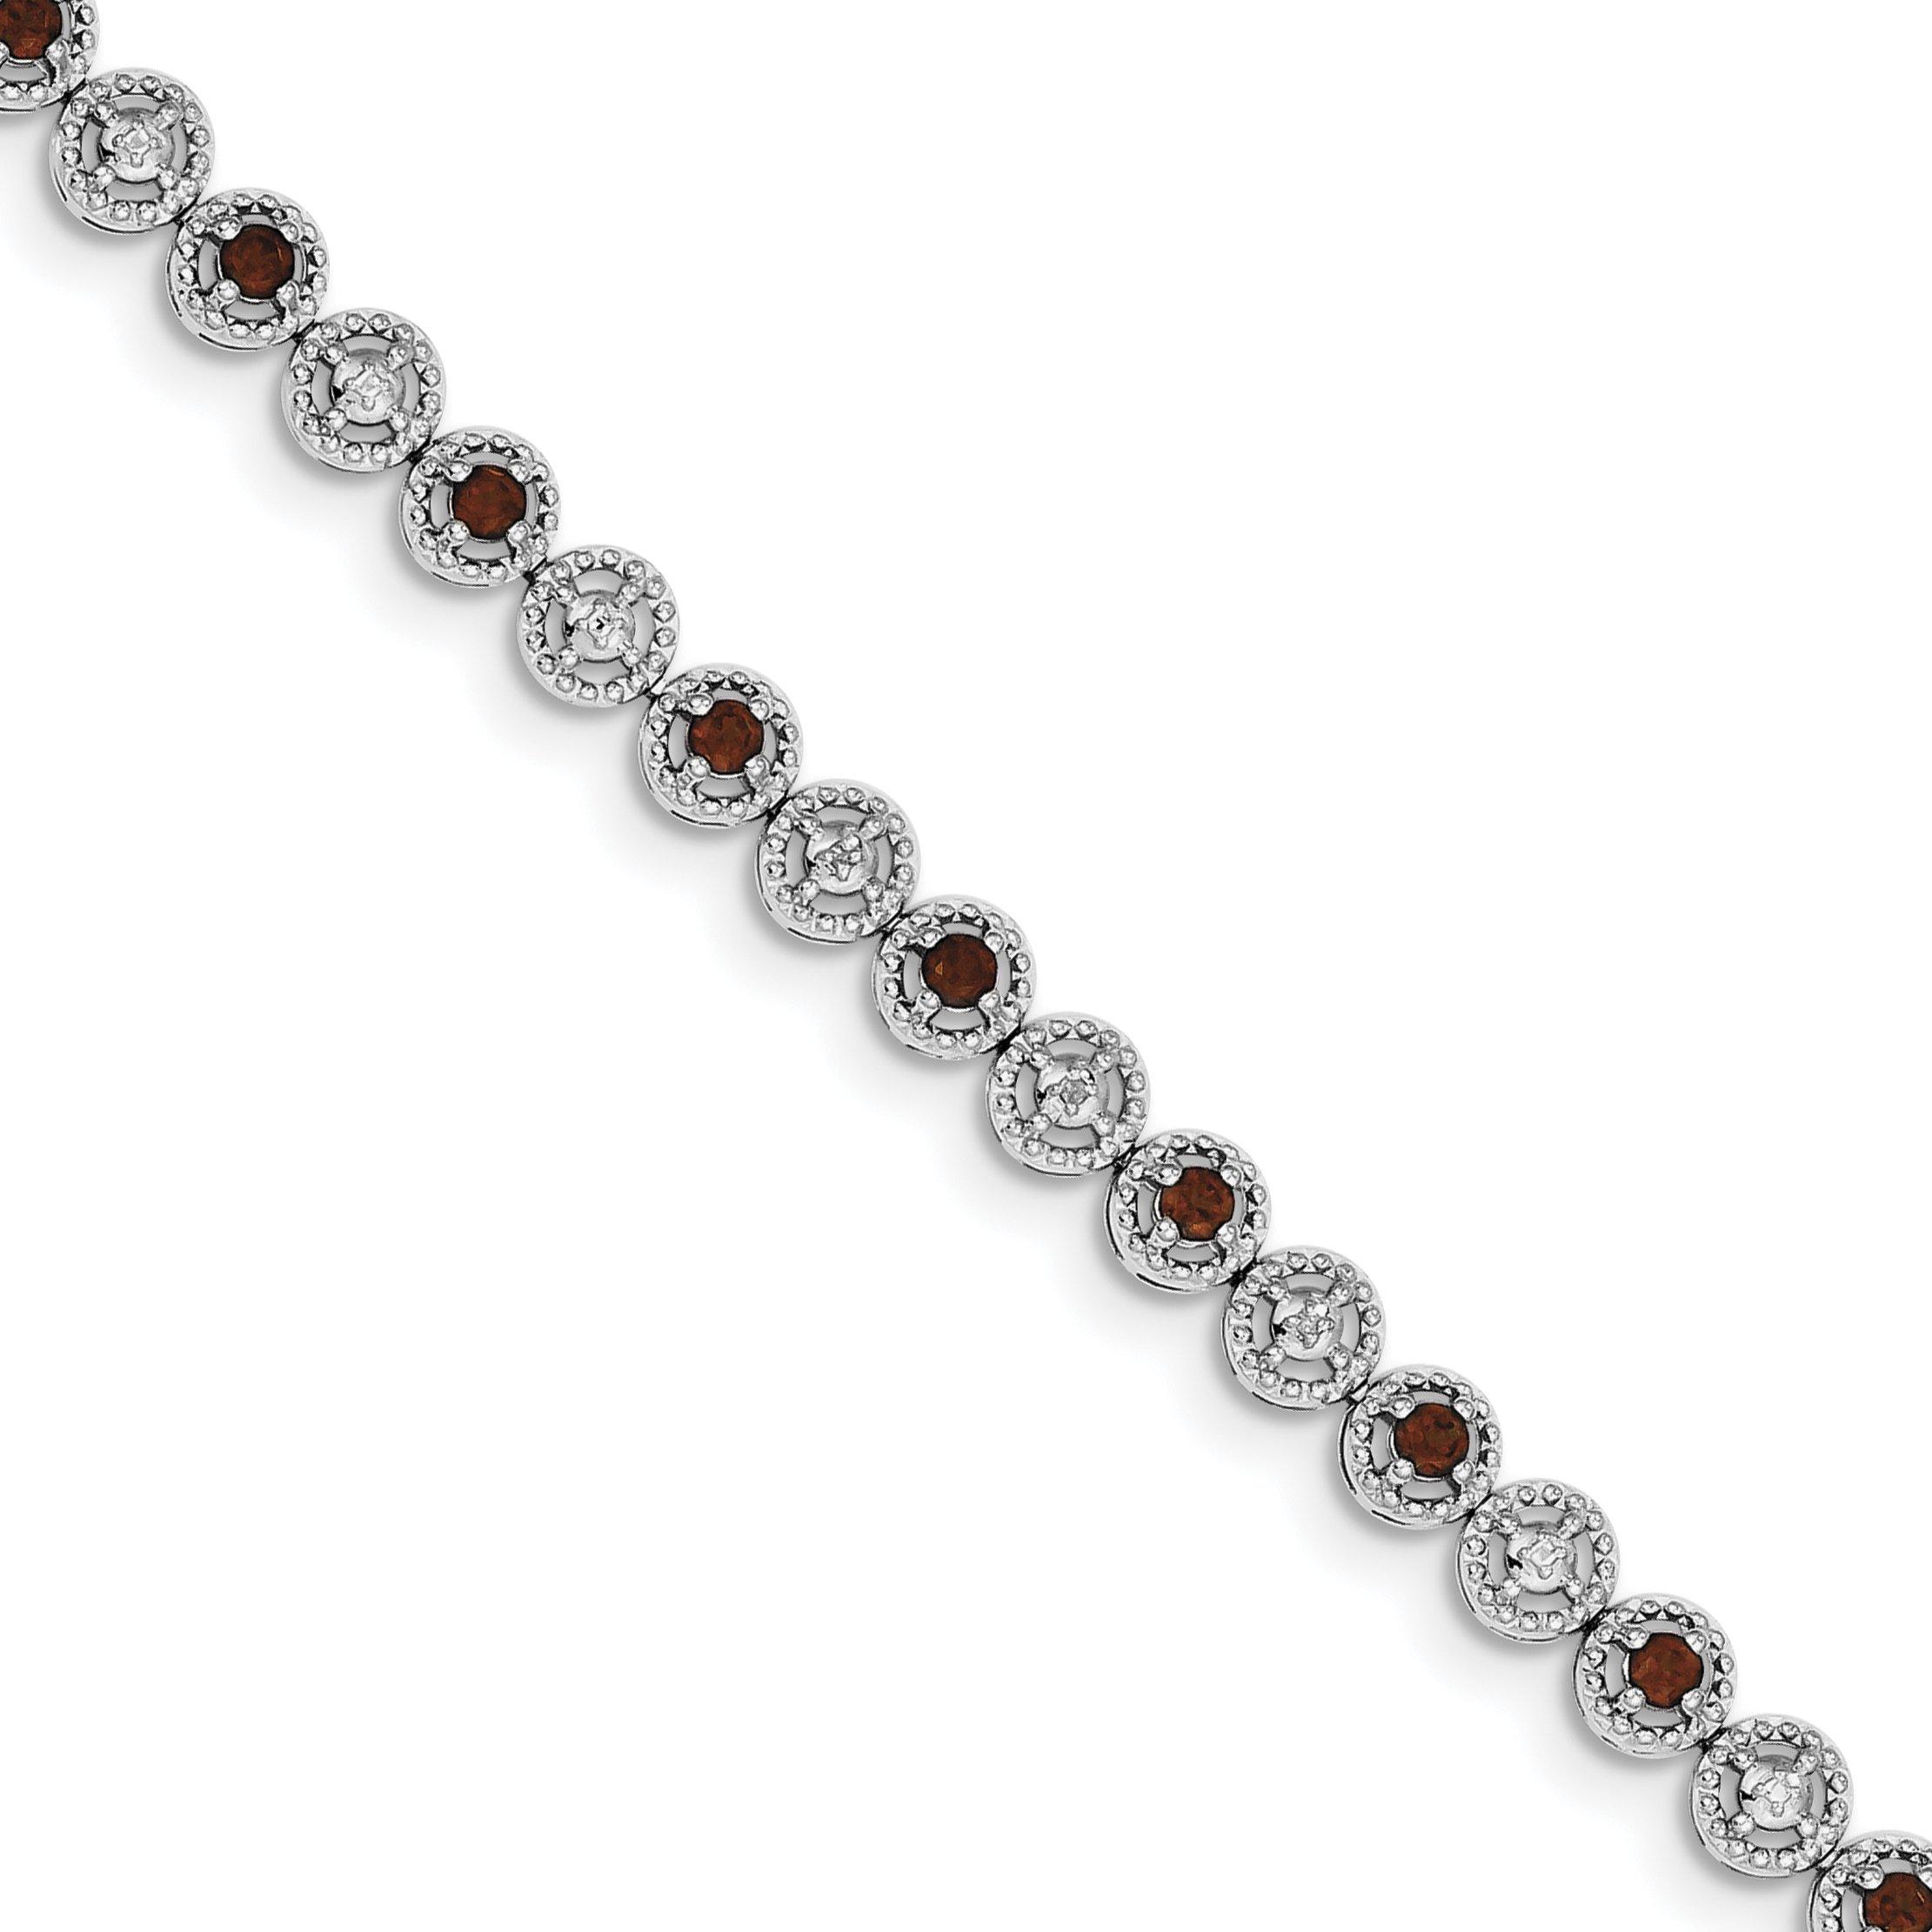 ICE CARATS 925 Sterling Silver Red Garnet Diamond Bracelet 7 Inch Gemstone Fine Jewelry Gift Set For Women Heart